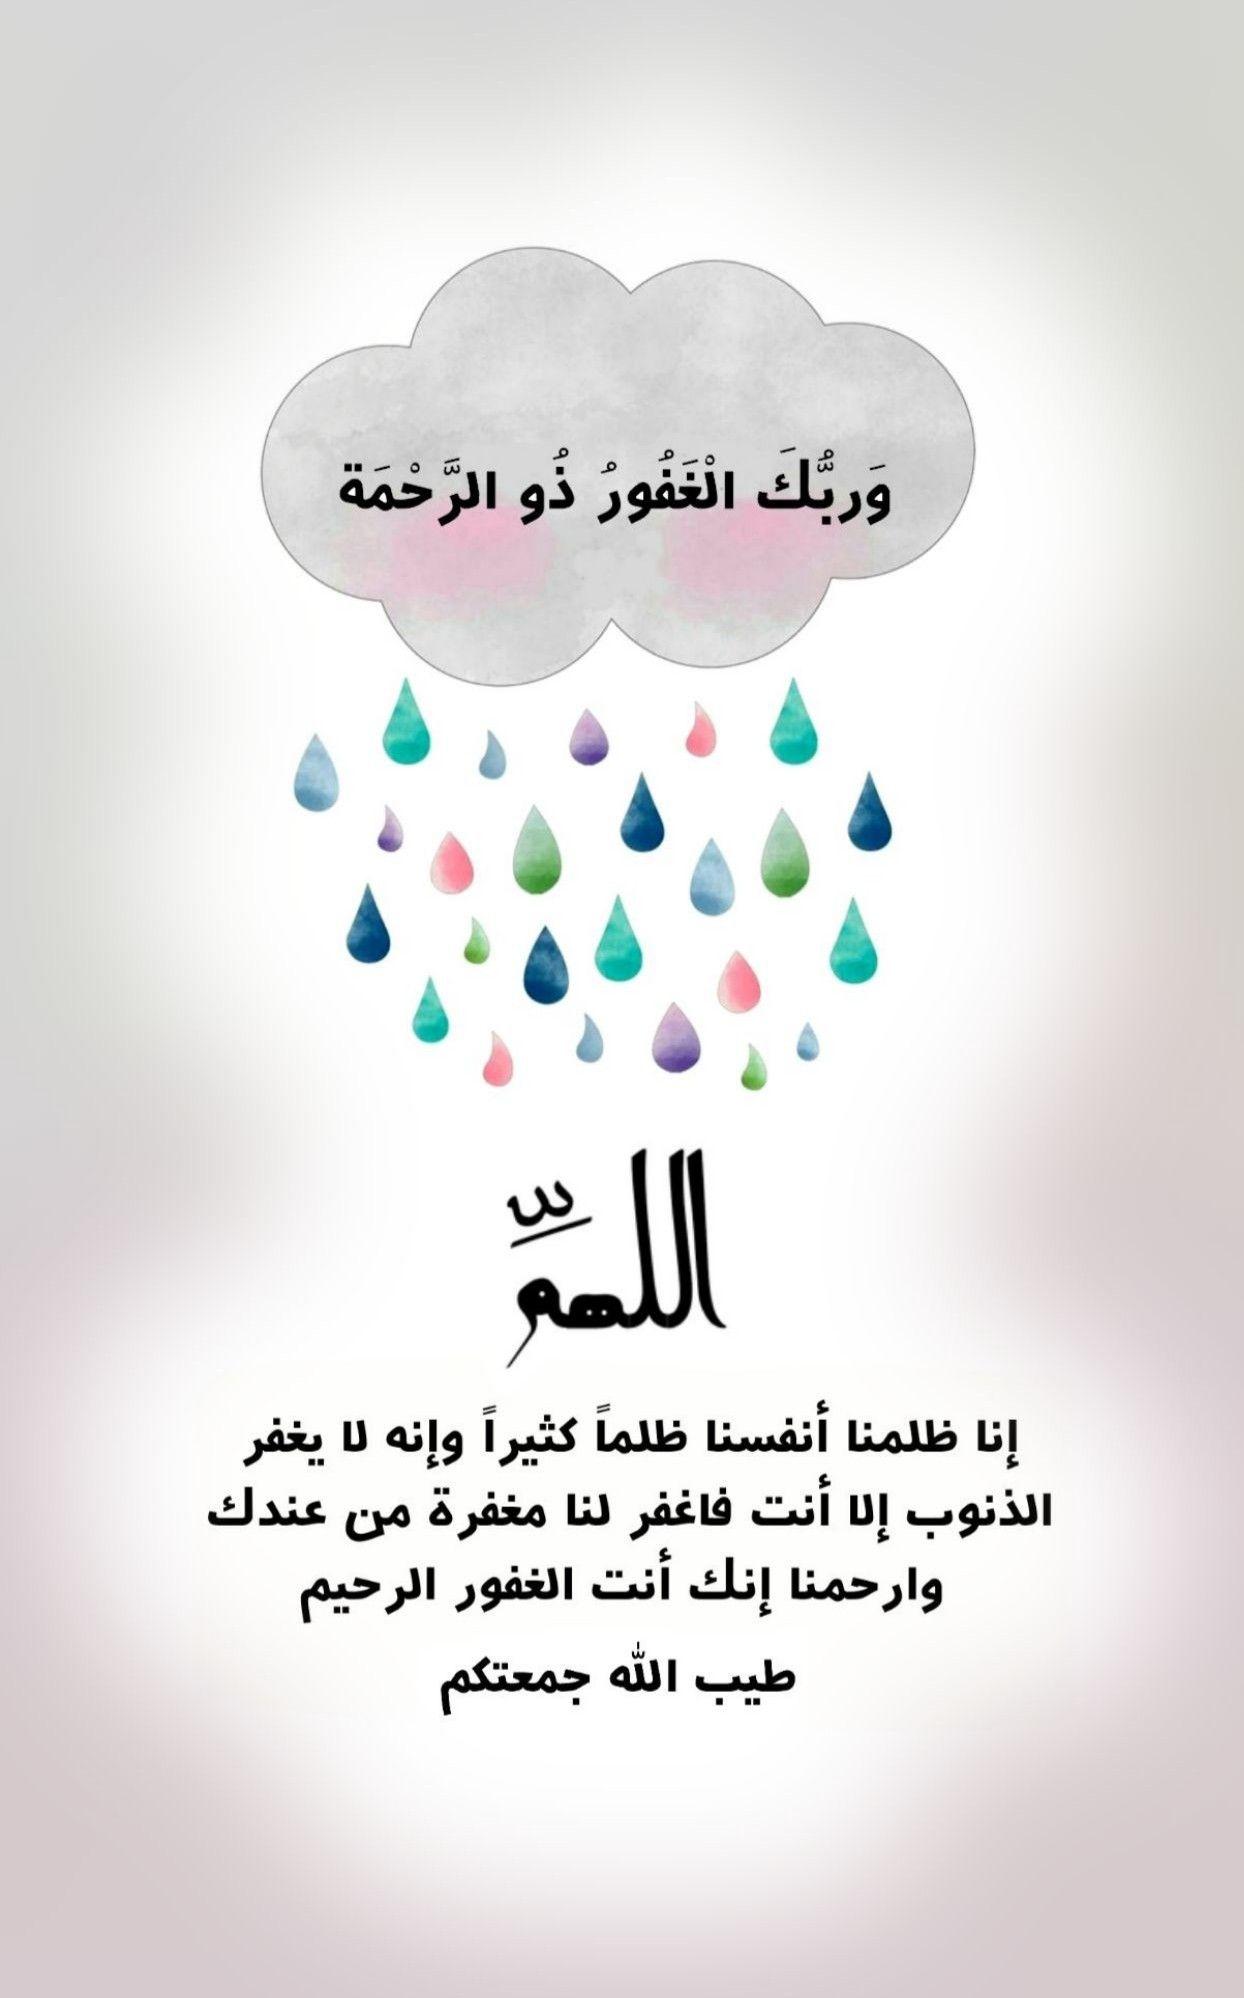 و ر ب ك ال غ ف ور ذ و الر ح م ة اللهم إنا ظلمنا أنفسنا ظلما كثيرا وإنه لا يغفر الذنوب إ Islam Facts Beautiful Quran Quotes Good Morning Arabic